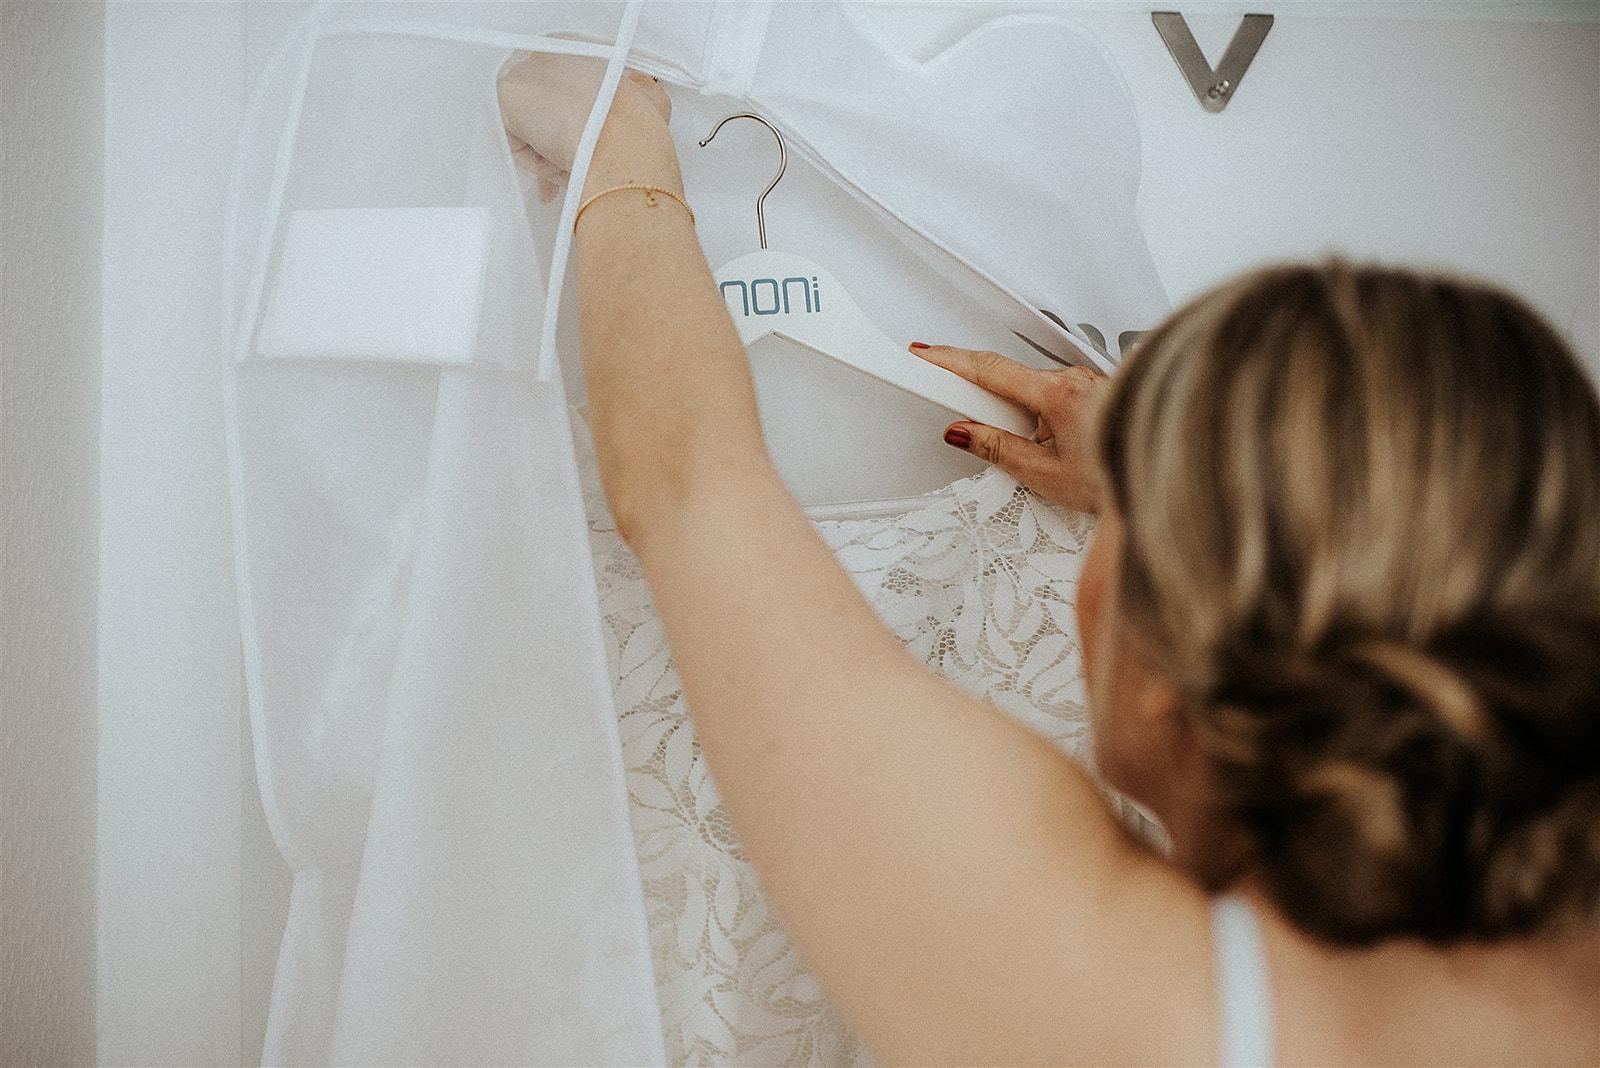 noni Brautmode, Braut nimmt Brautkleid aus Kleidersack während Getting Ready Shooting